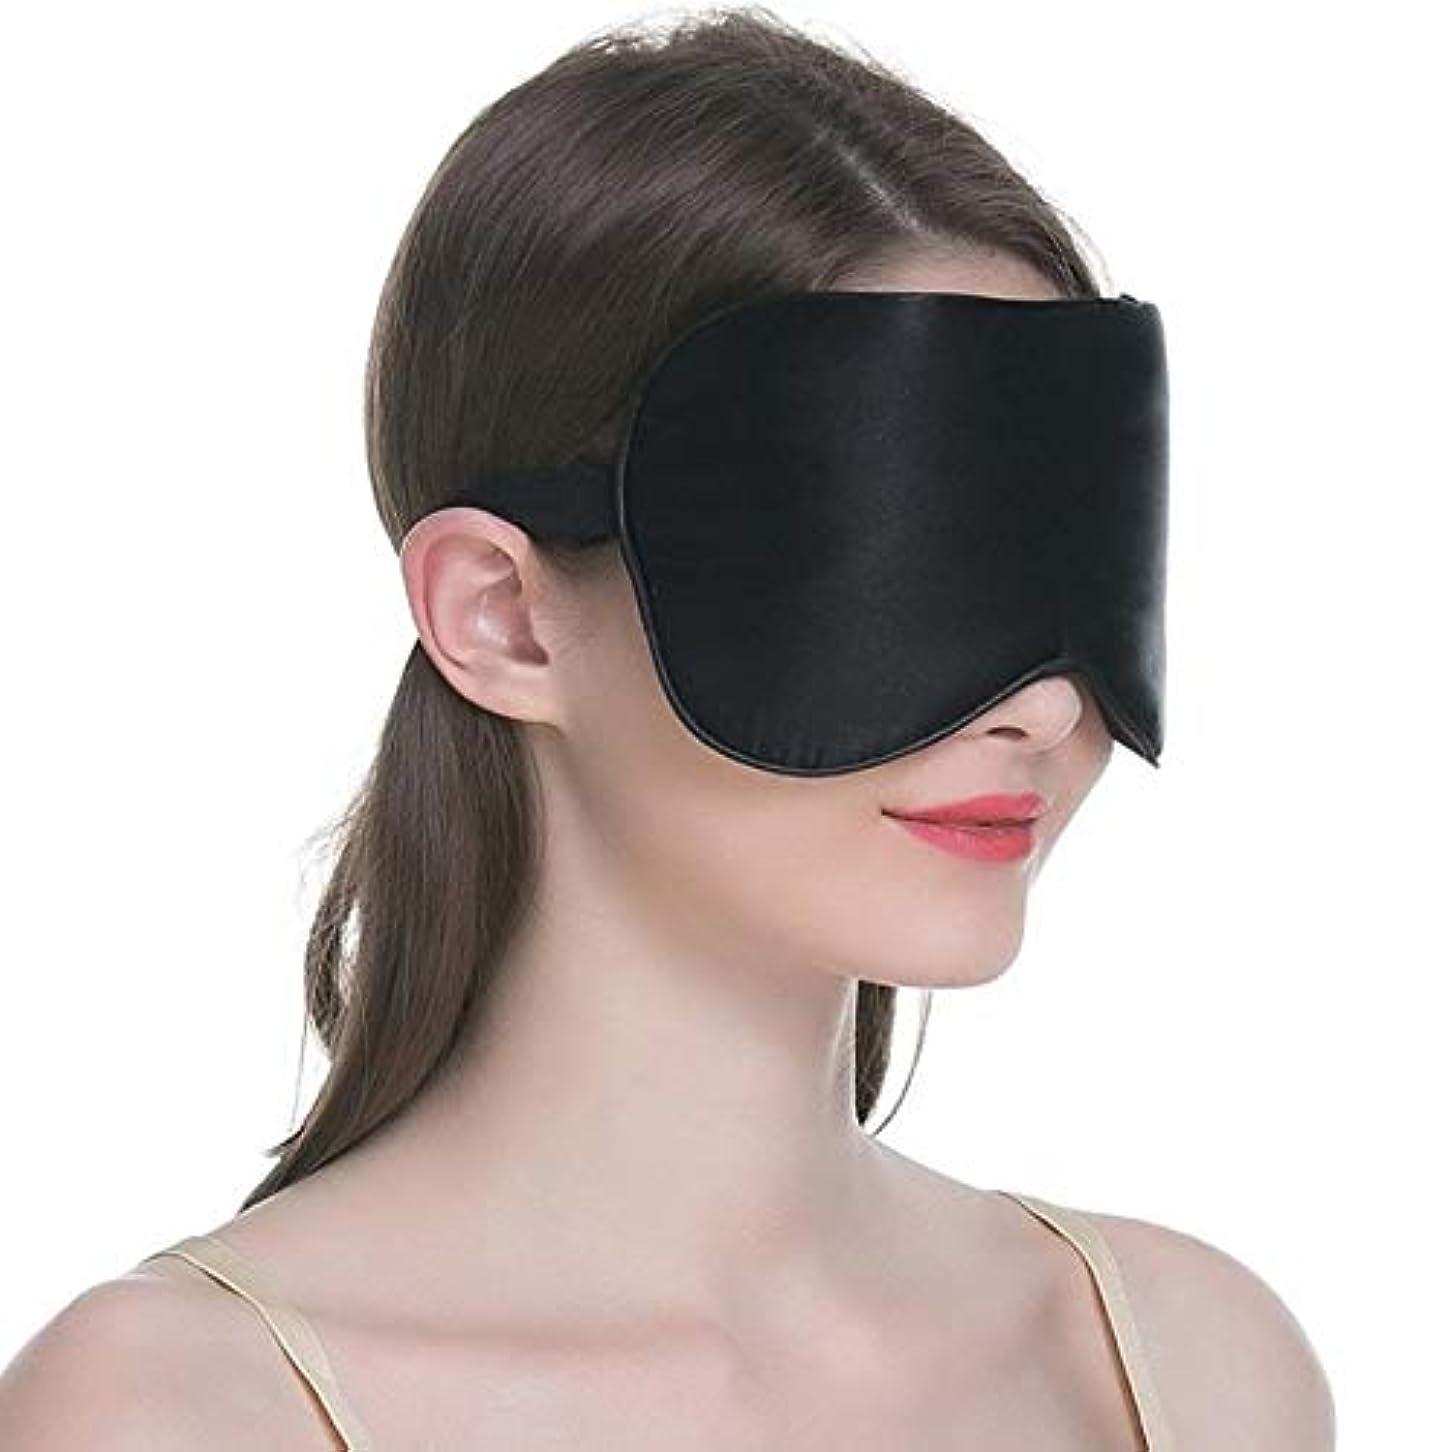 ゲーム干渉機知に富んだ注意天然シルクスリーピングアイマスクアイシェードソフトスリープマスクブラックマスク調節可能な包帯用目用睡眠旅行ポータブル